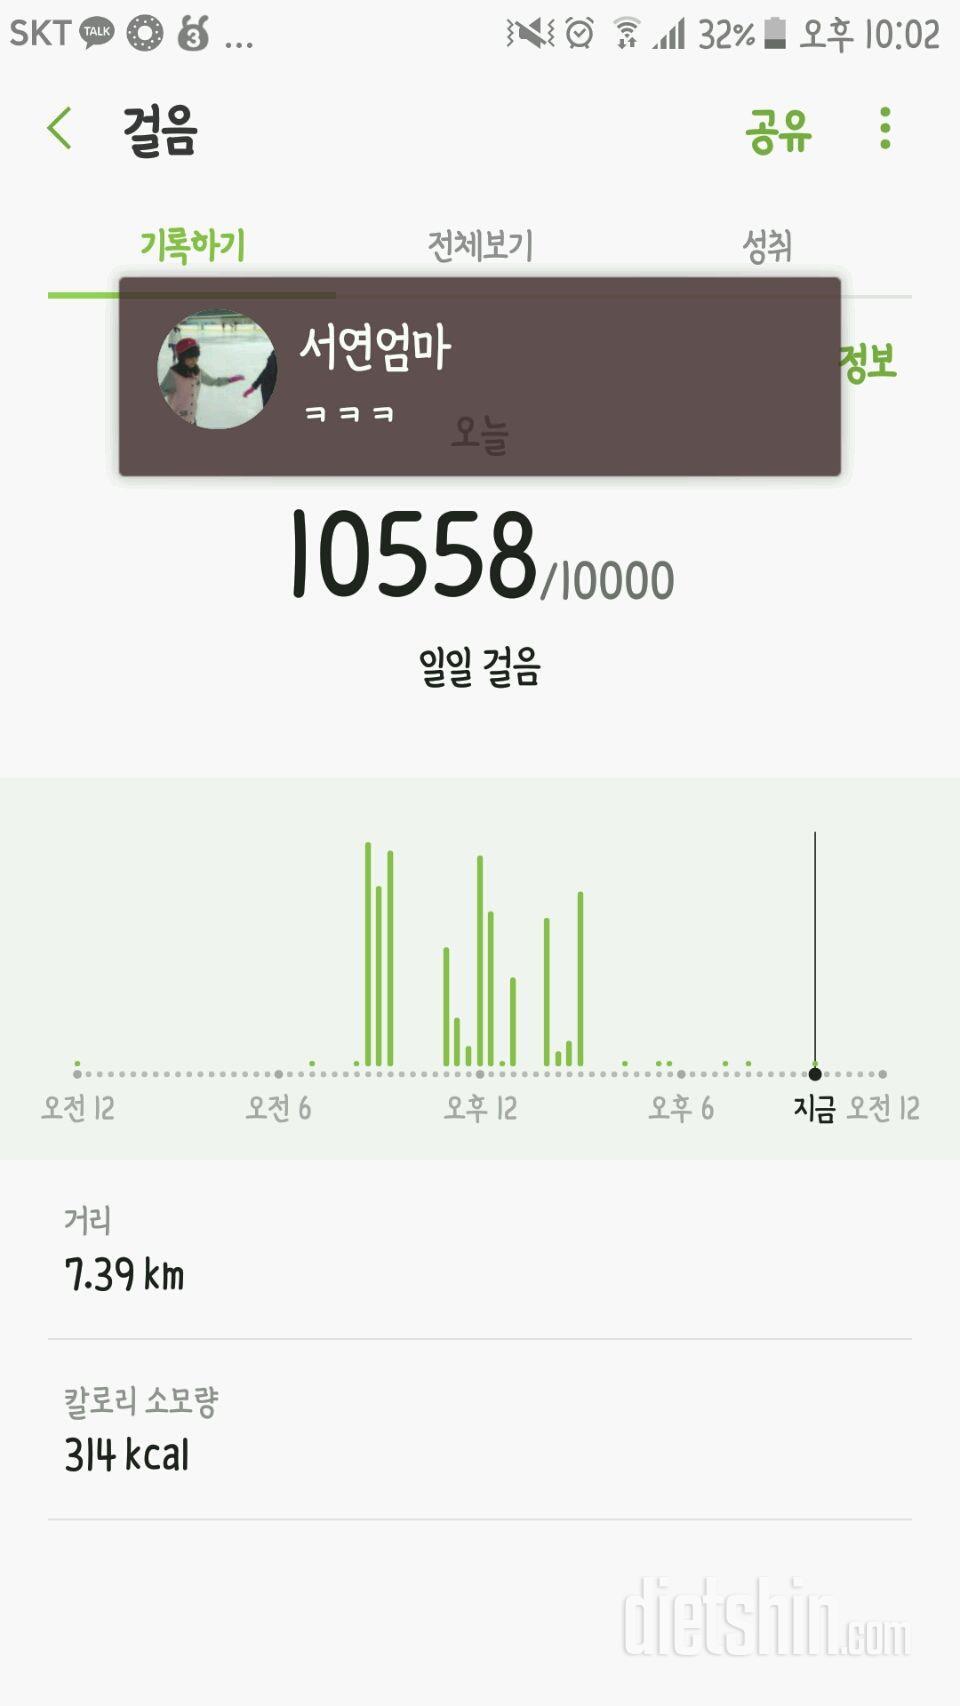 30일 만보 걷기 41일차 성공!